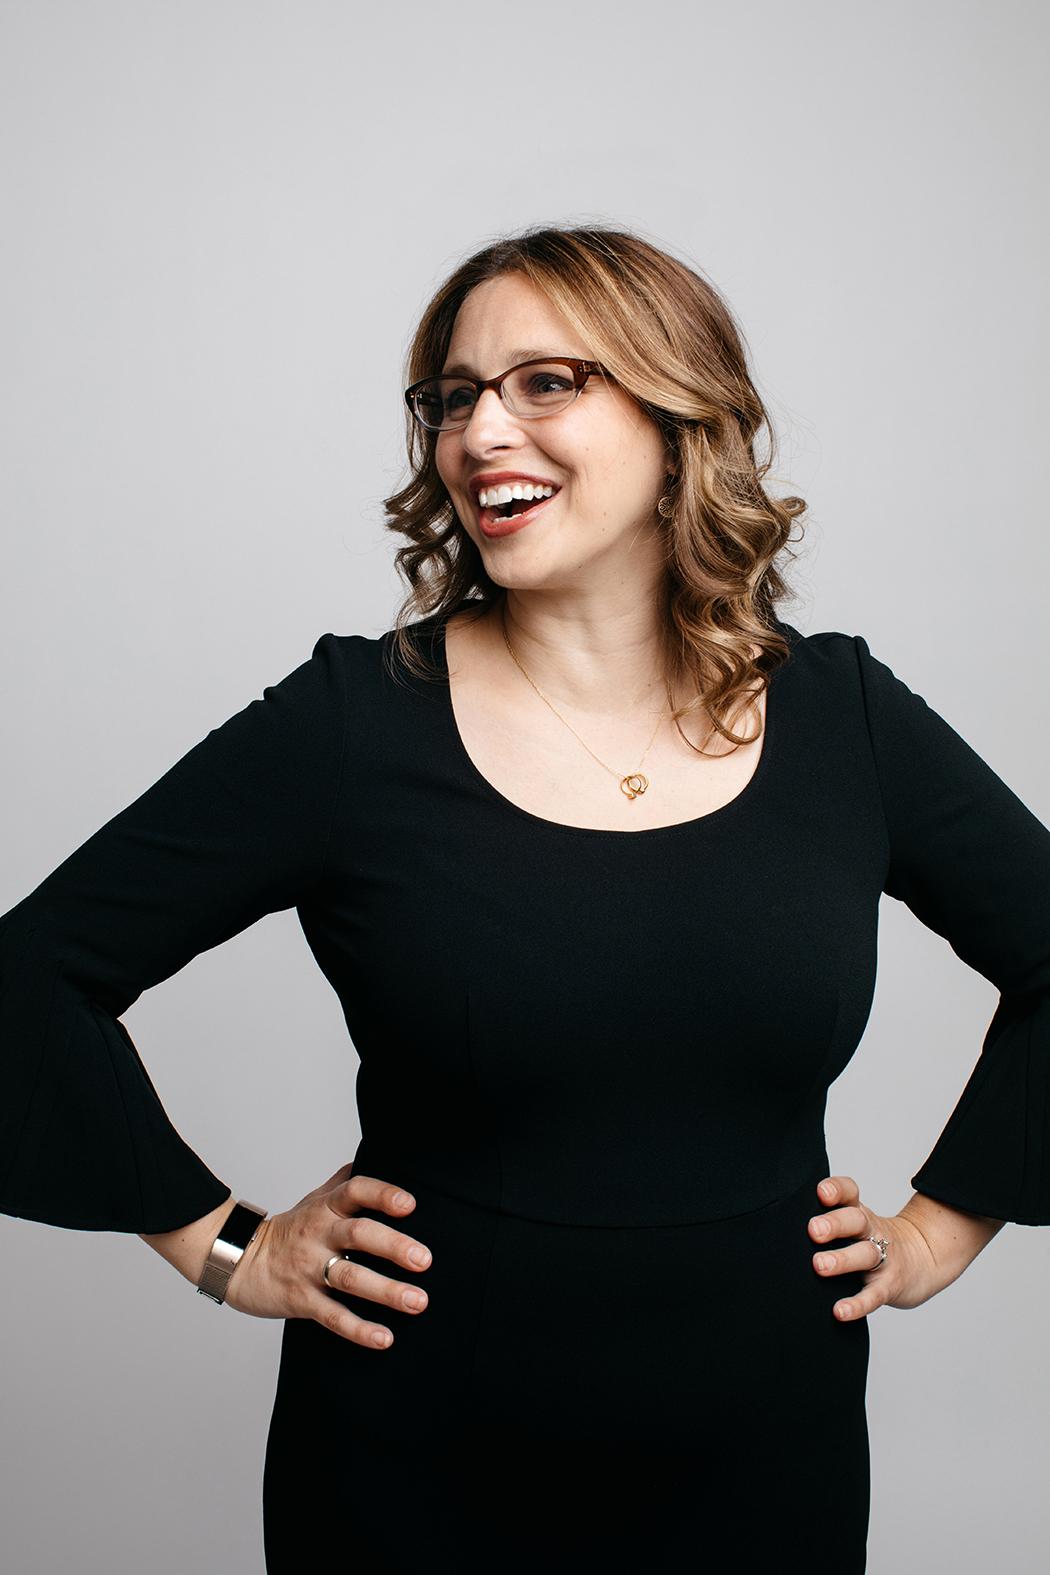 Michelle Stern